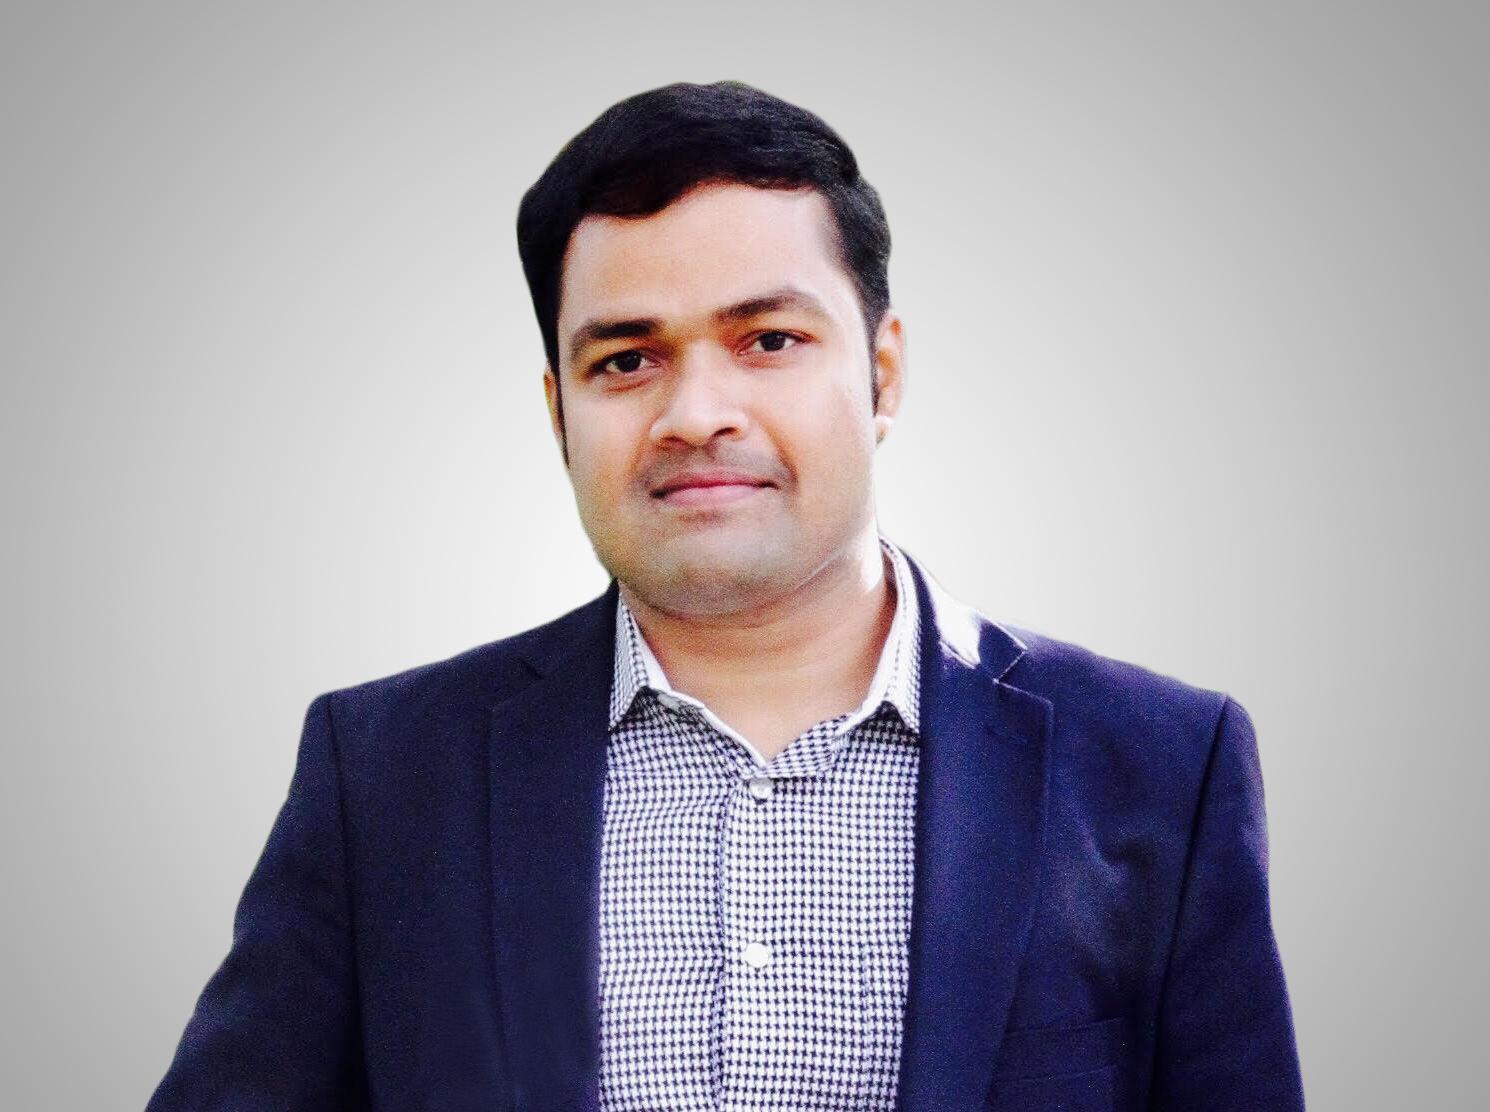 Sarbeswar Praharaj